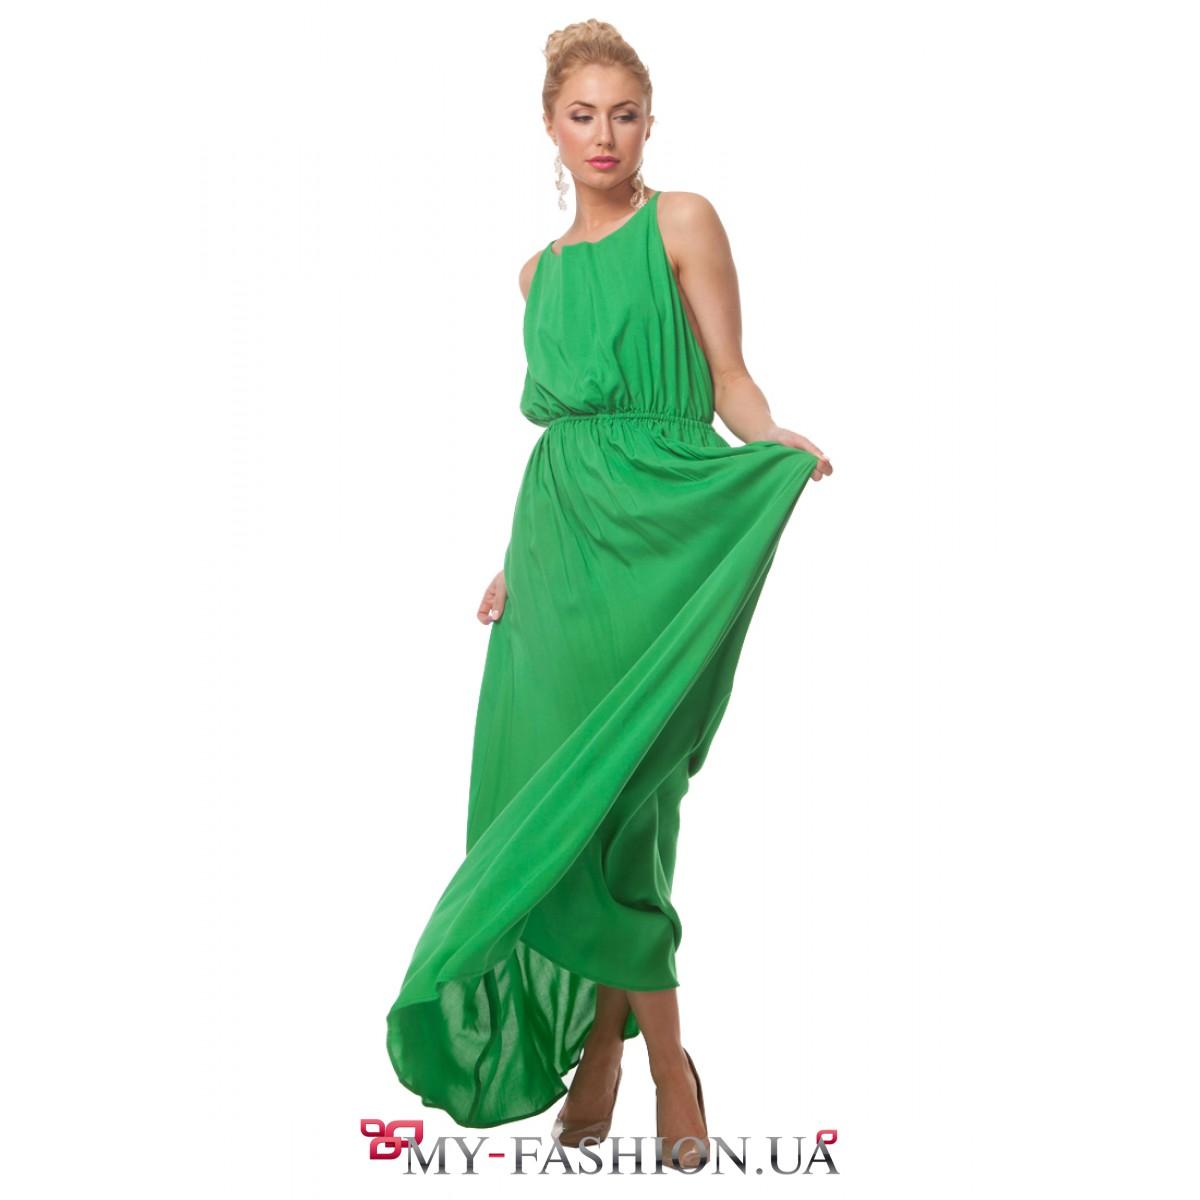 Платья с открытой спиной доставка